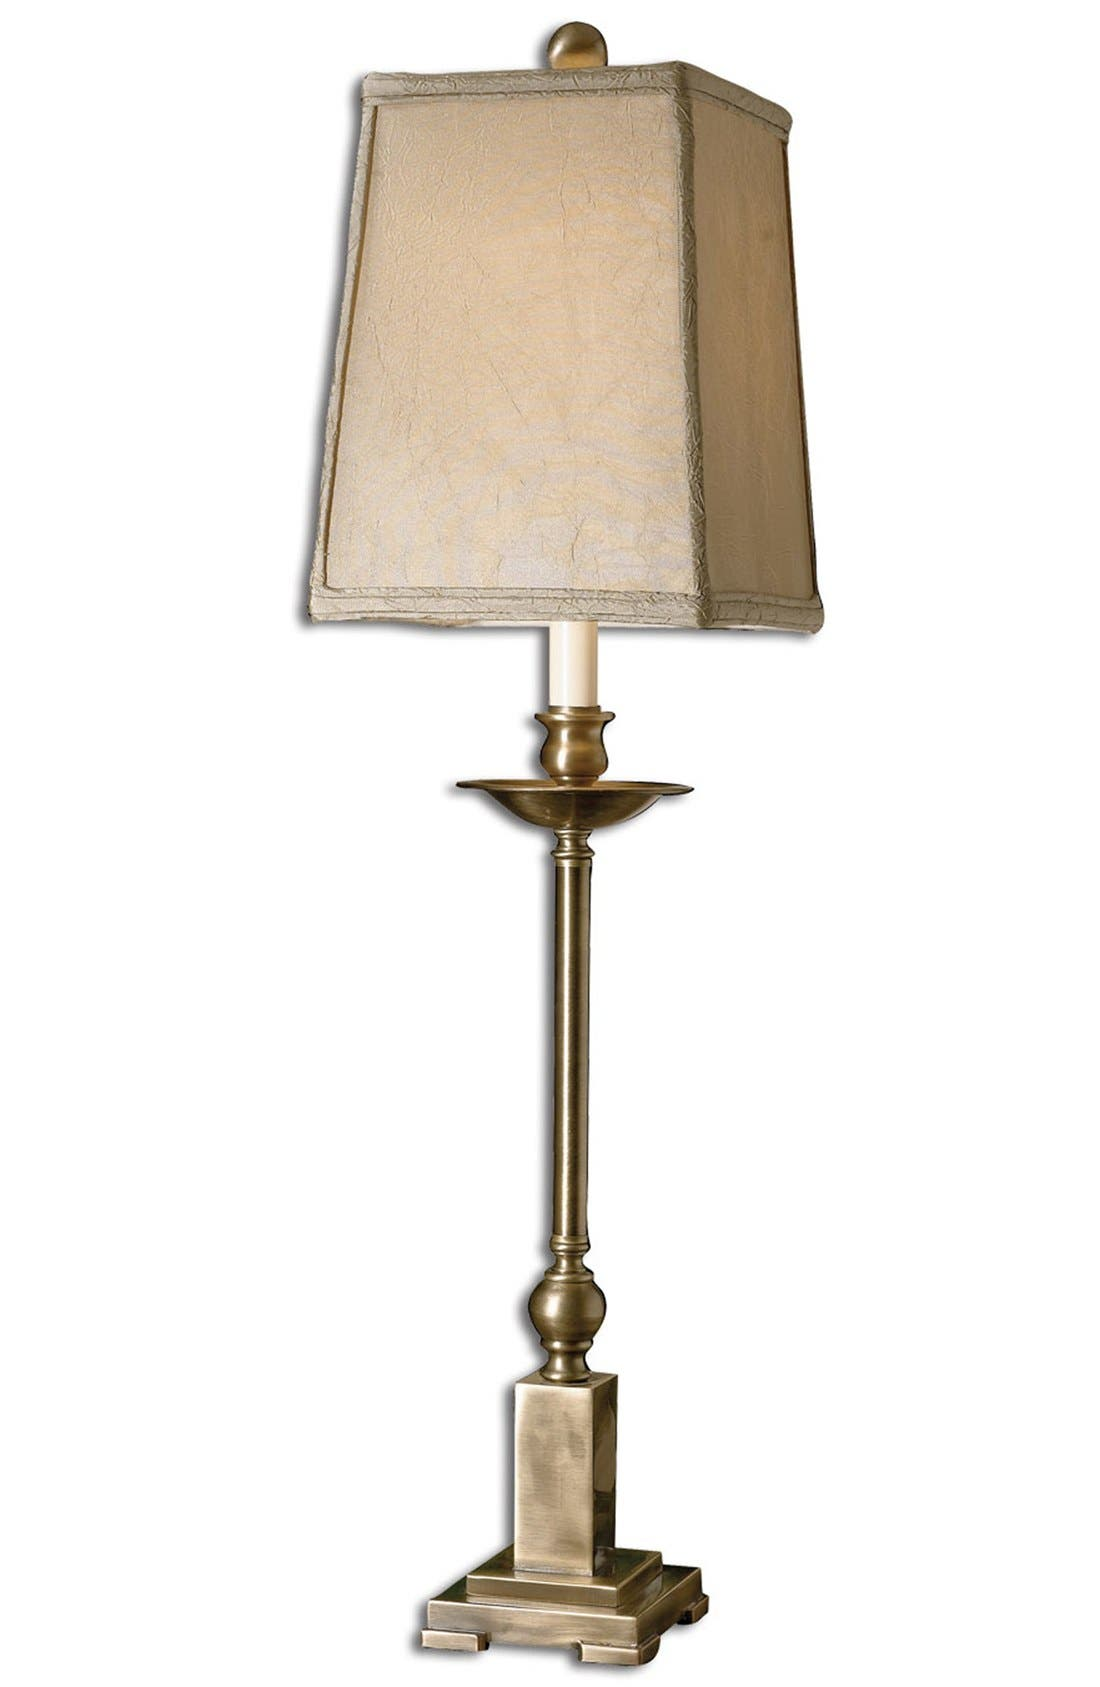 Uttermost 'Lowell' Candlestick Buffet Lamp